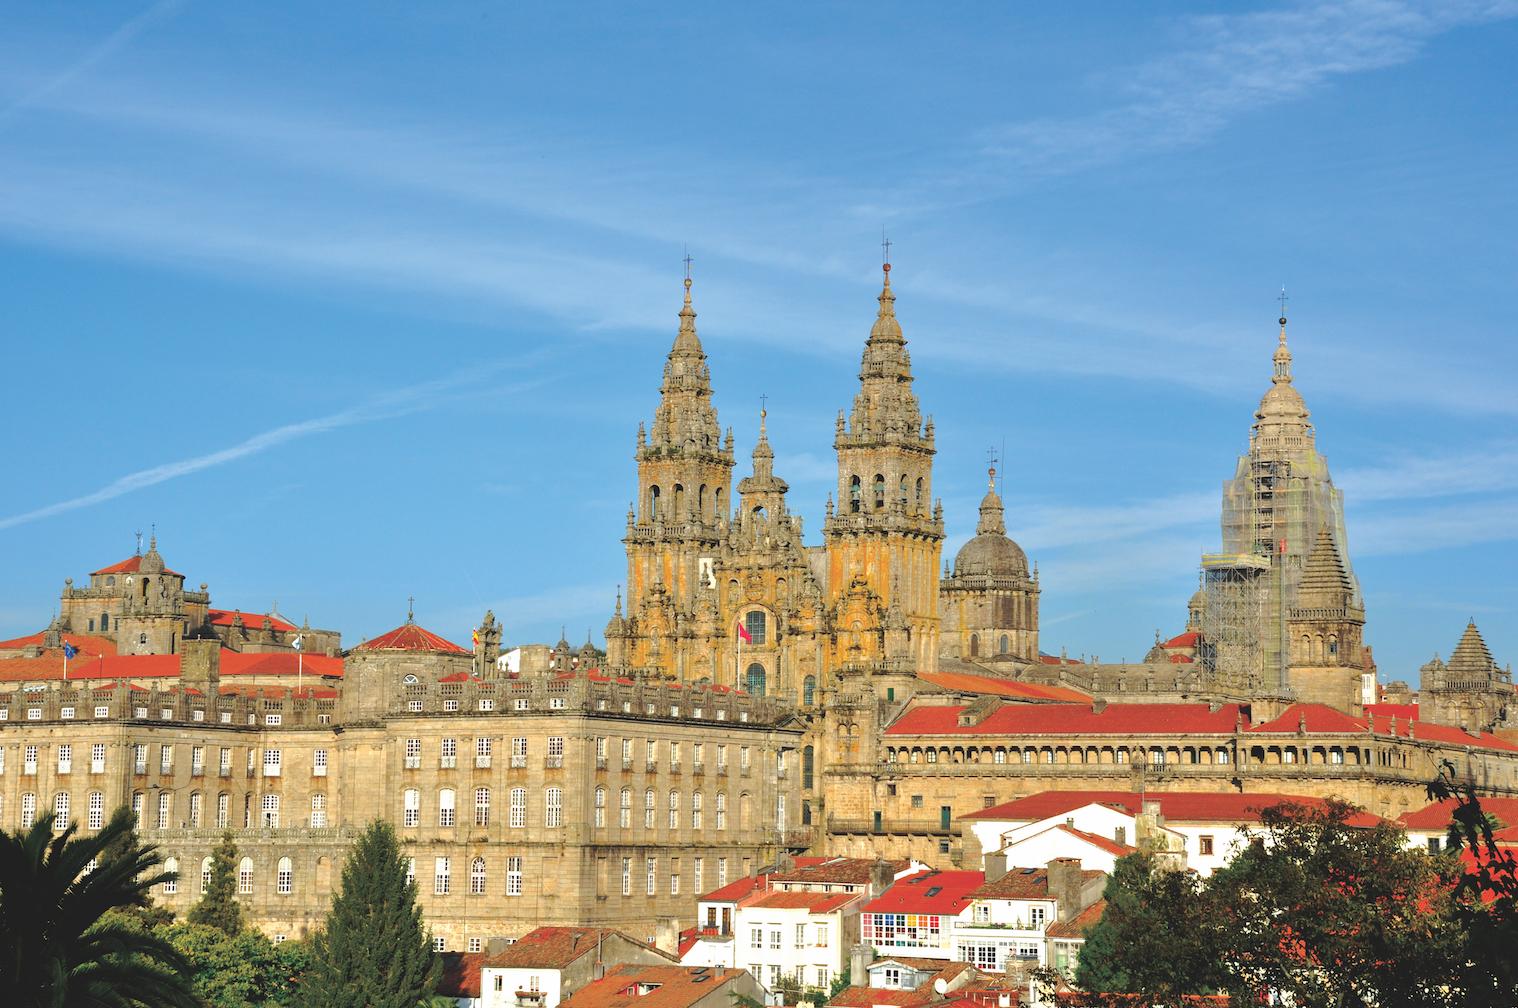 Santiago cathedral on the El Transcantábrico Gran Lujo: Santiago-San Sebastián Luxury Train journey